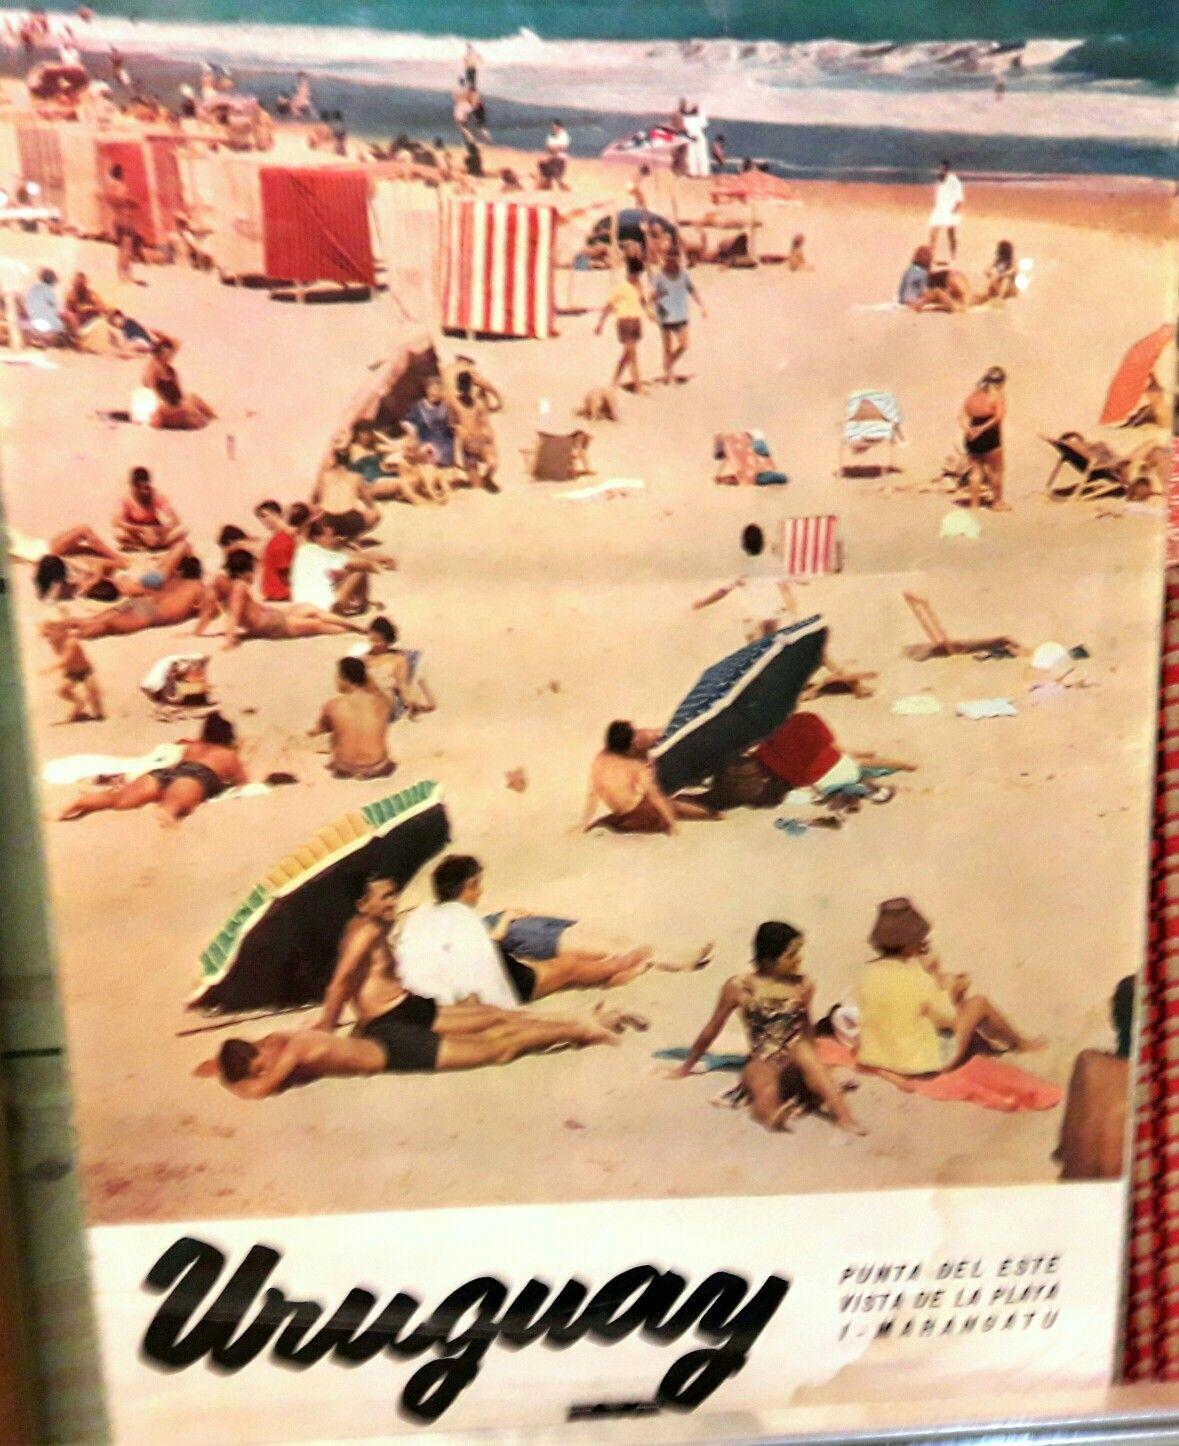 Folleto De Punta Del Este Decada De Los 60 Vintage Travel Posters Travel Posters Vintage Travel